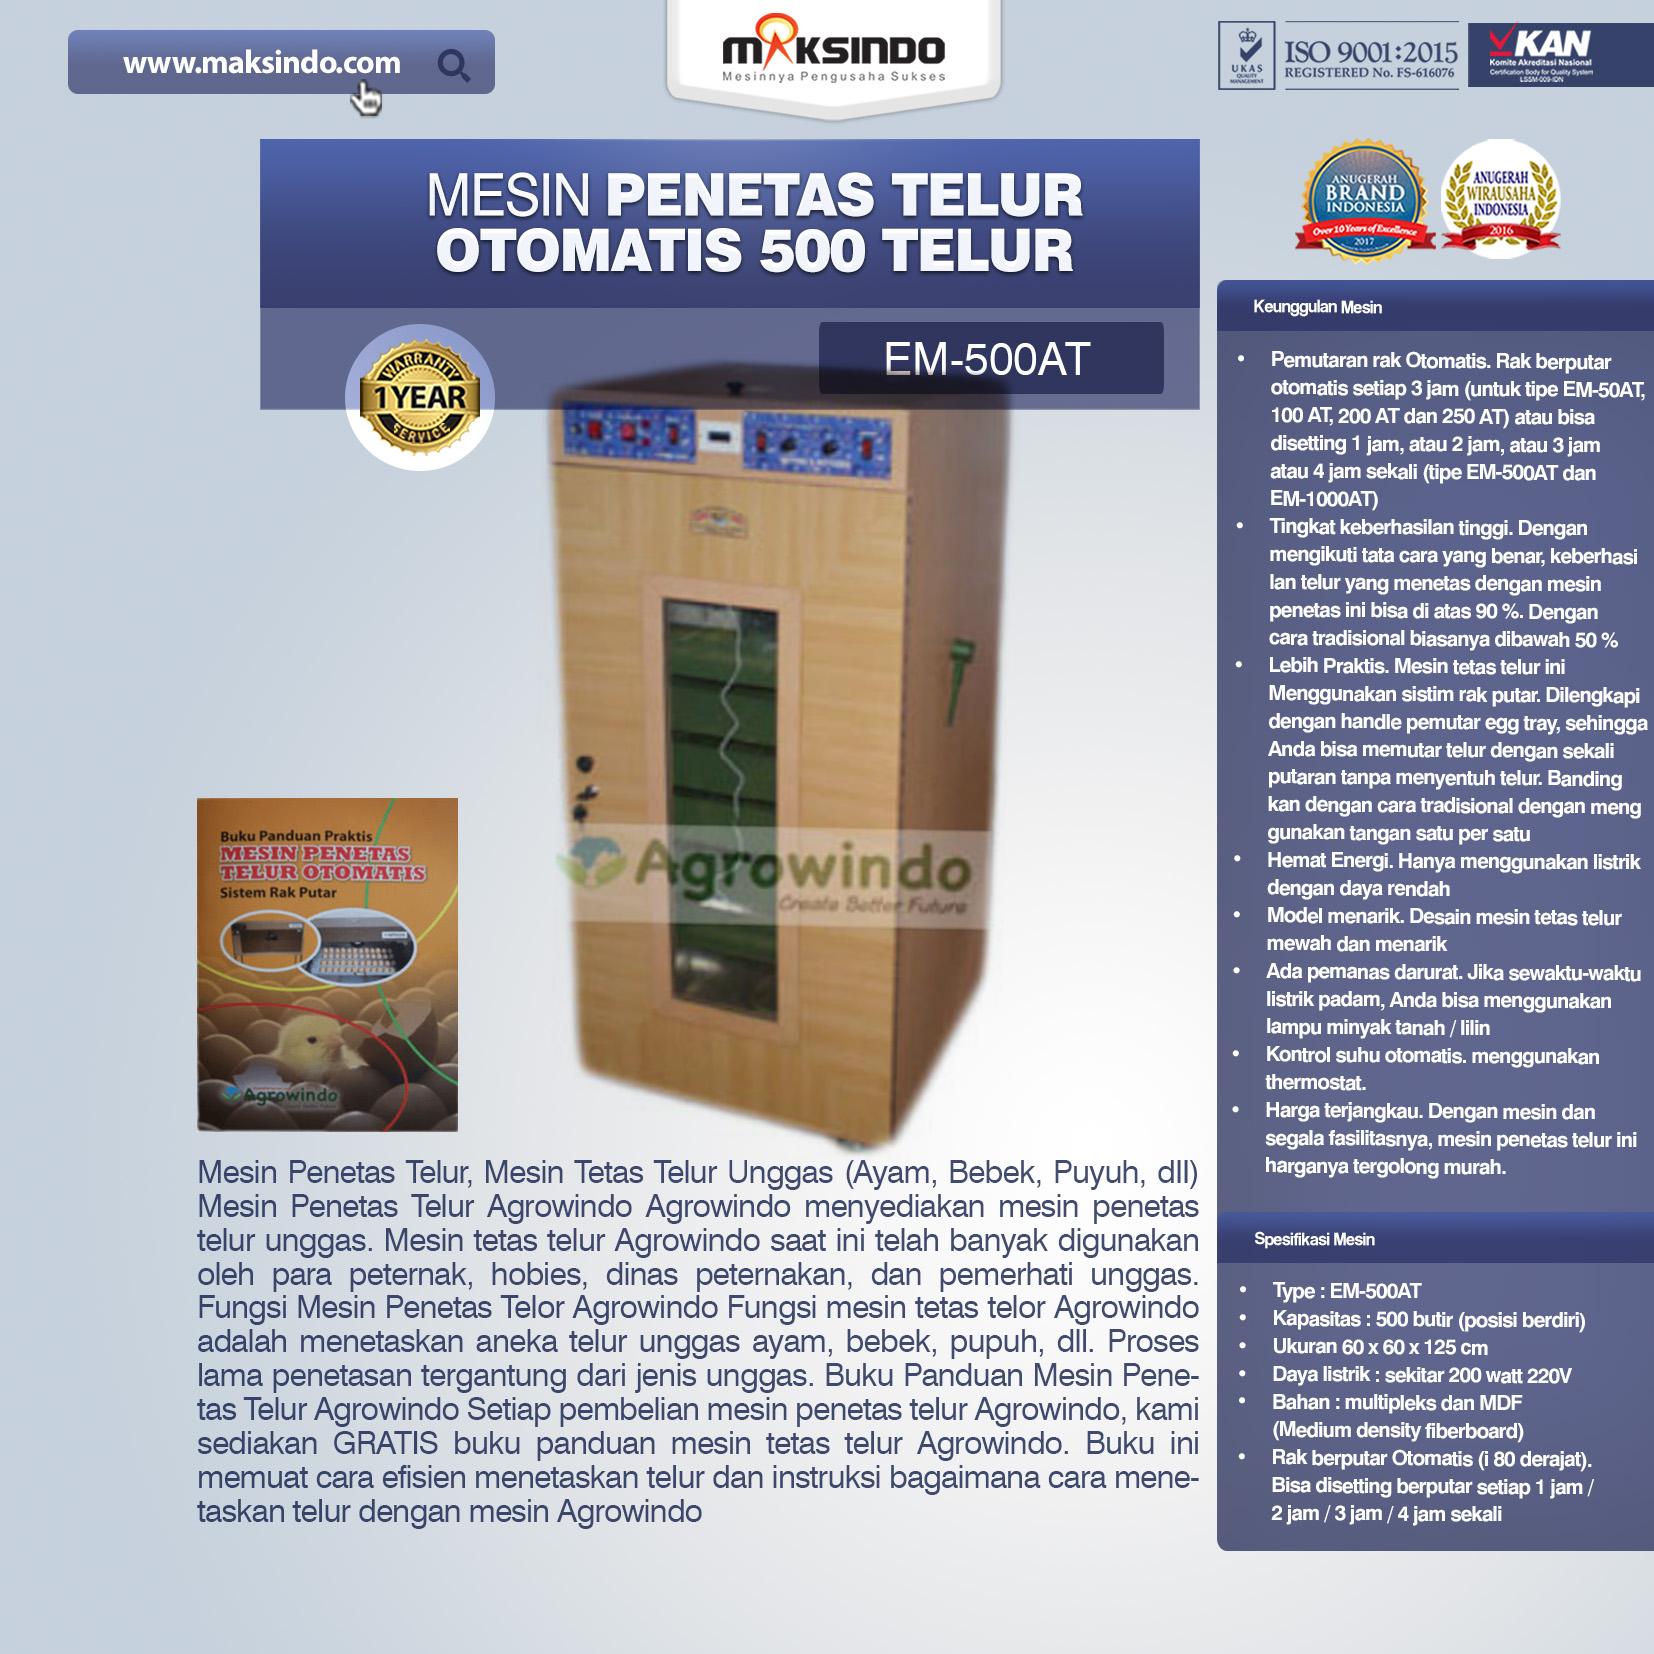 Jual Mesin Penetas Telur Otomatis Kapasitas 500 Telur (EM-500AT) di Pekanbaru